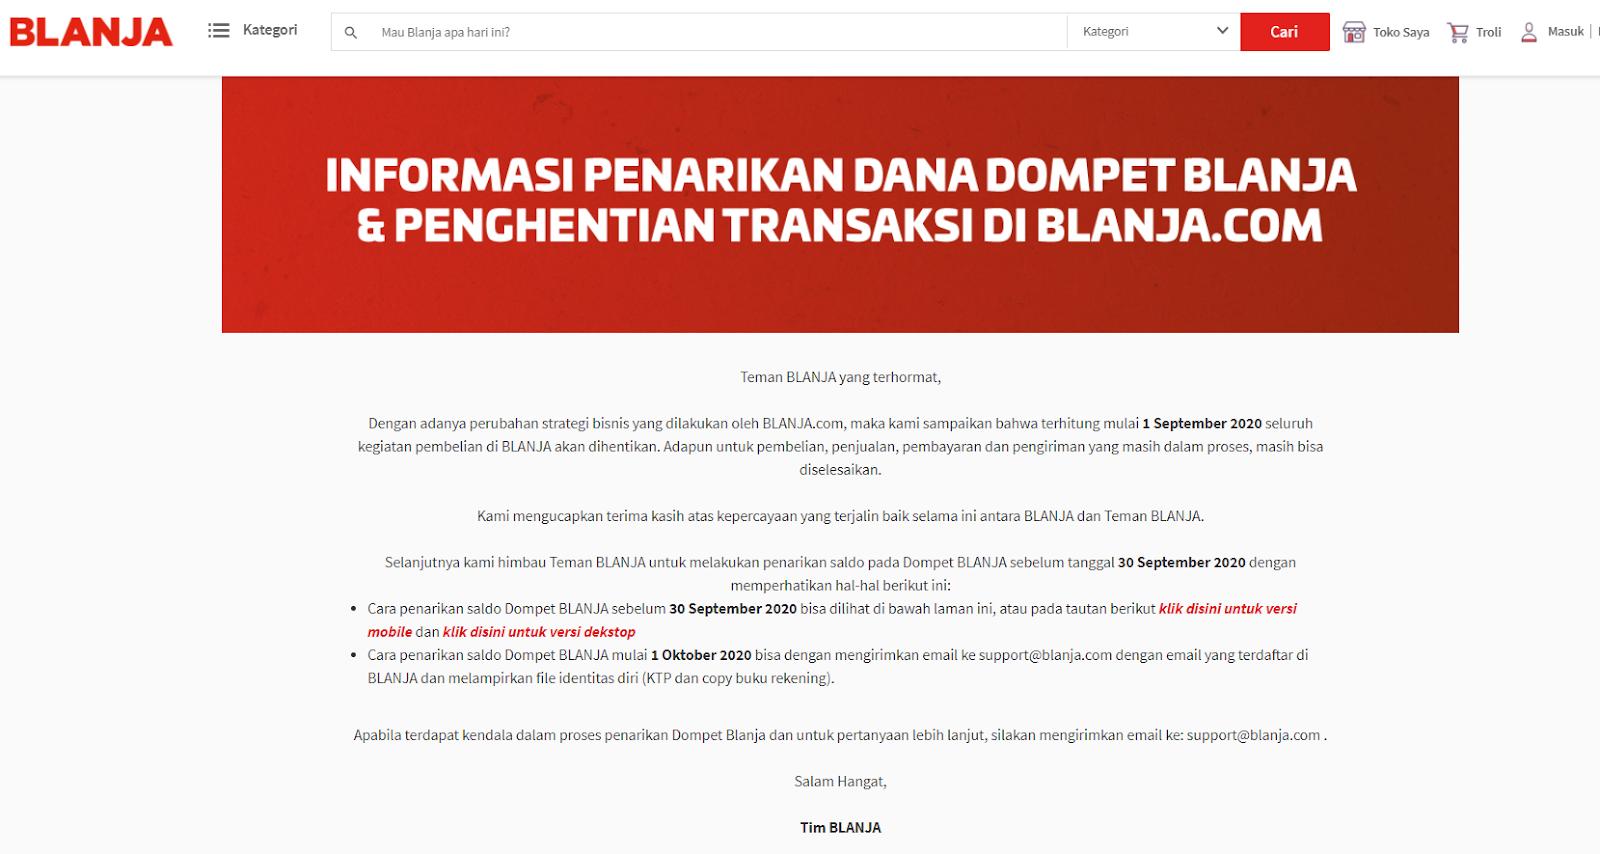 screenshoy website blanja.com